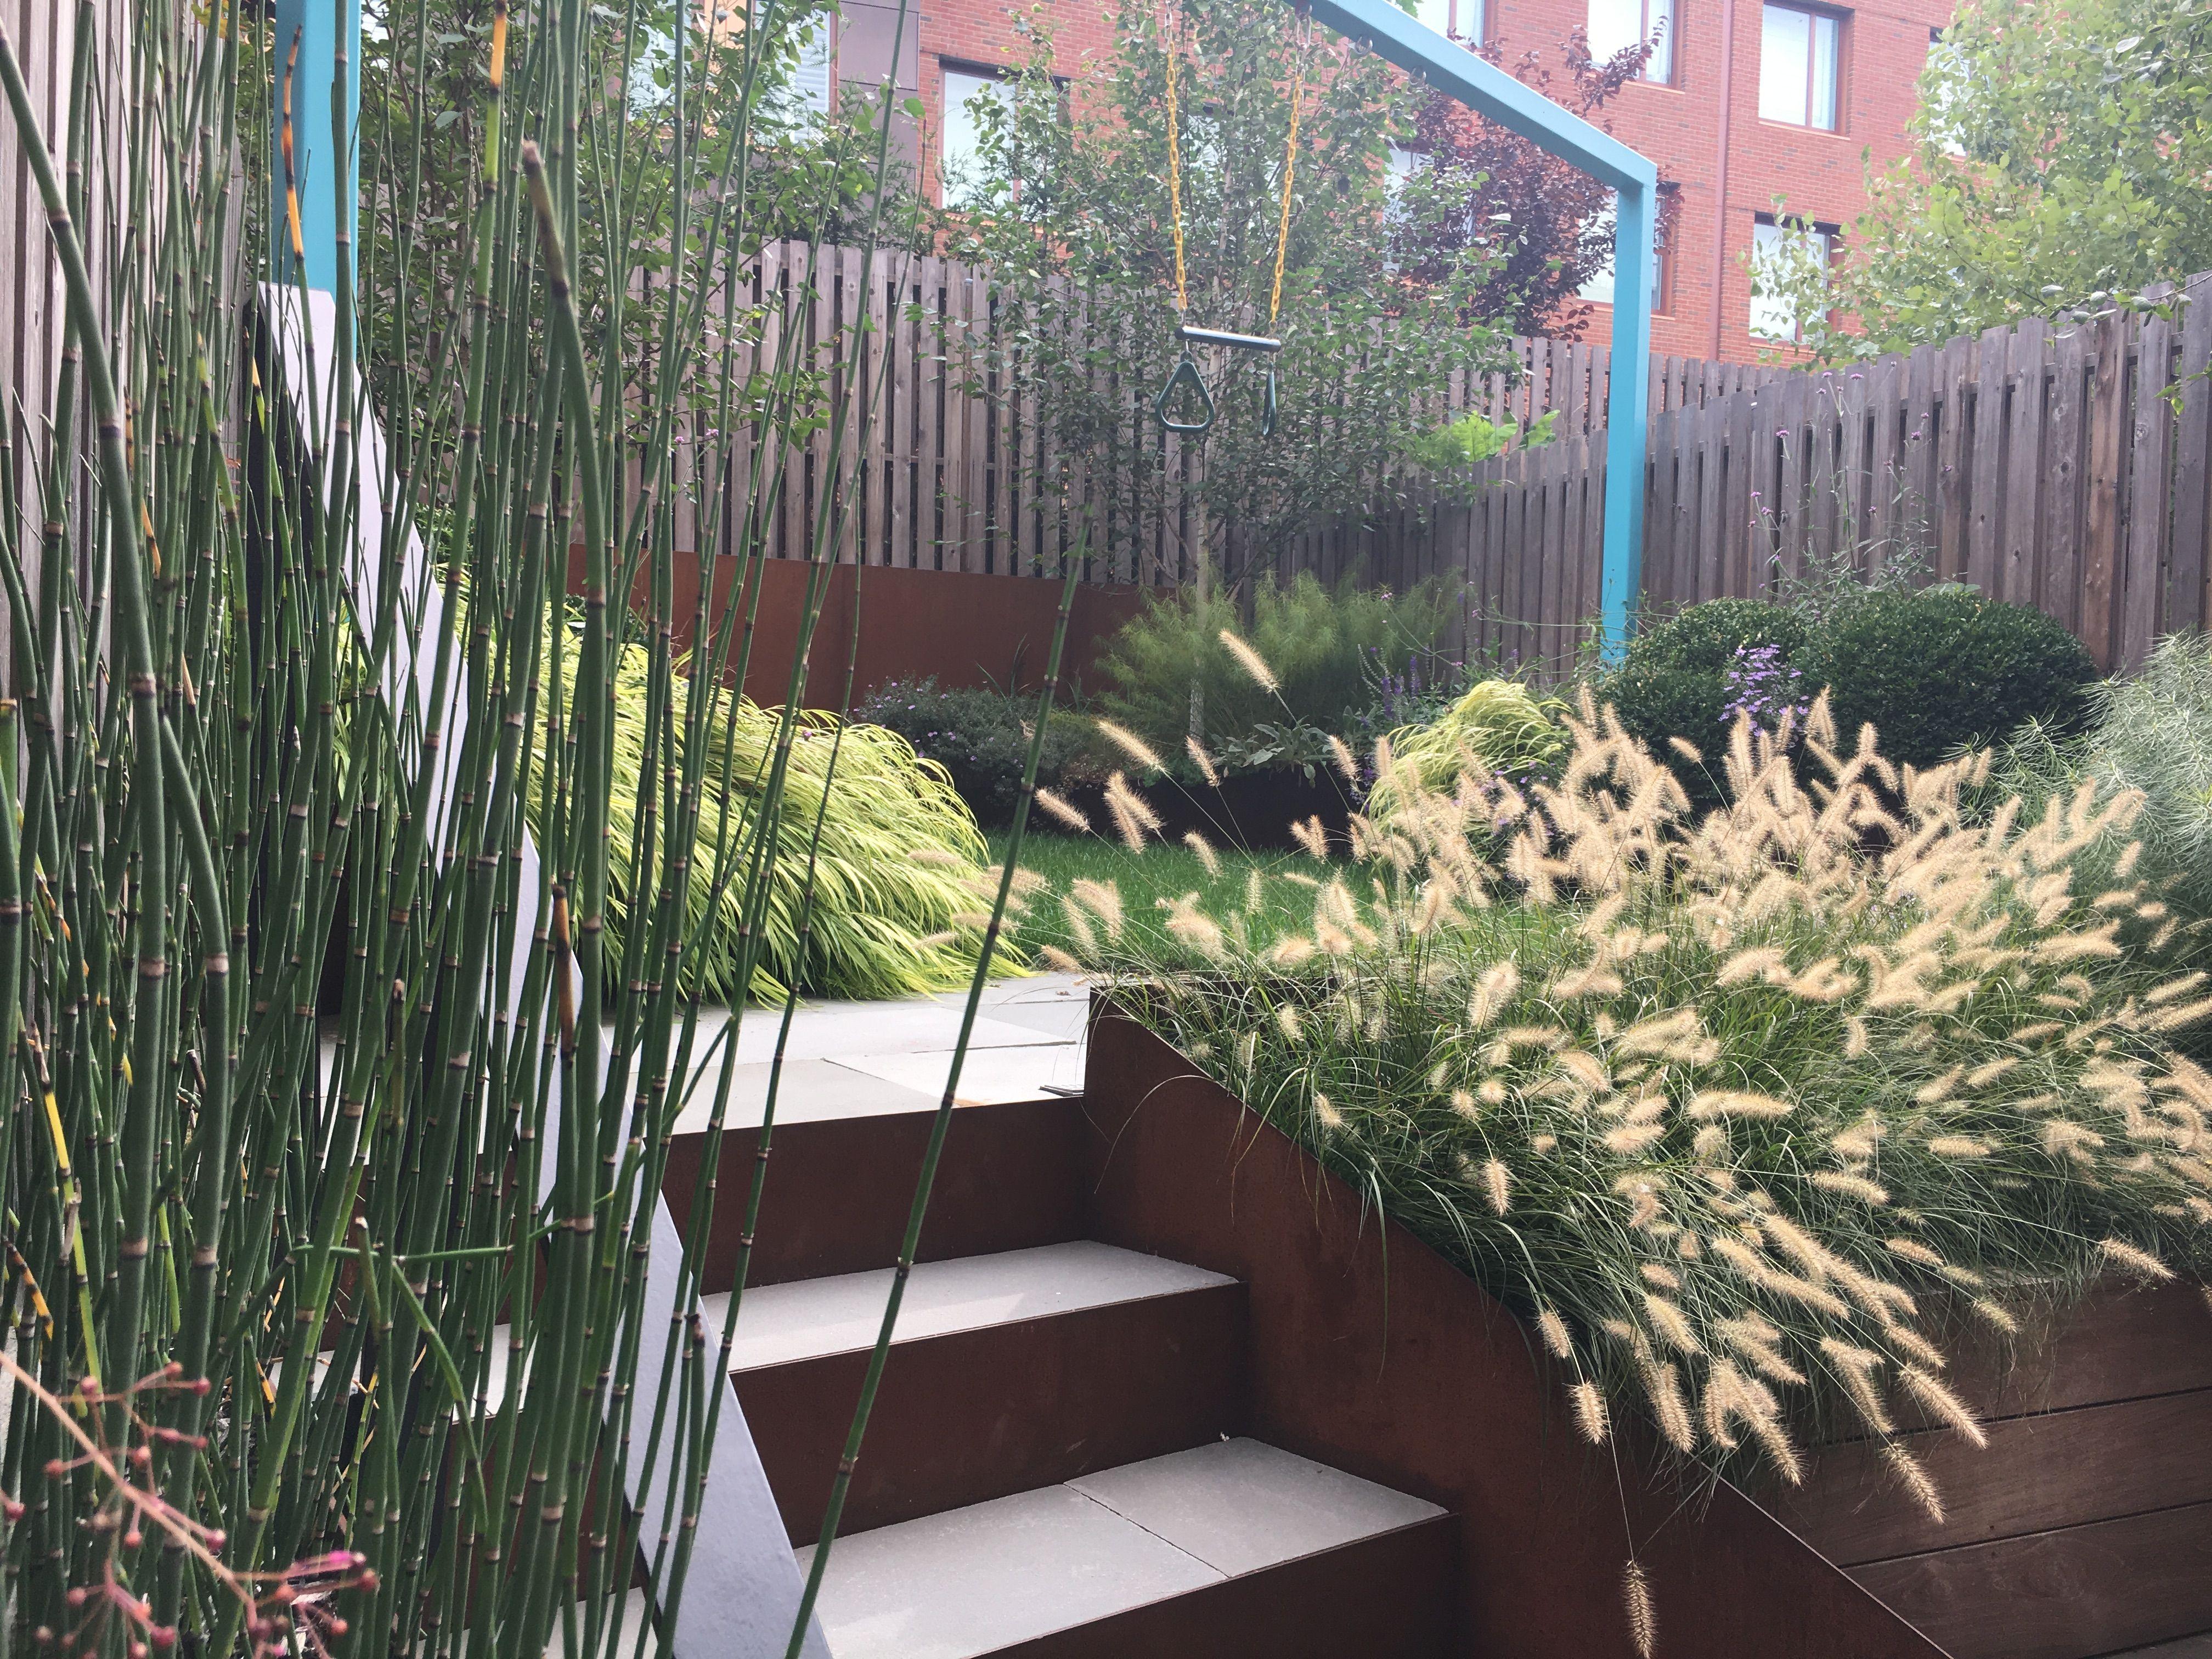 Swing structure | Backyard swings, Pergola swing, Park ...